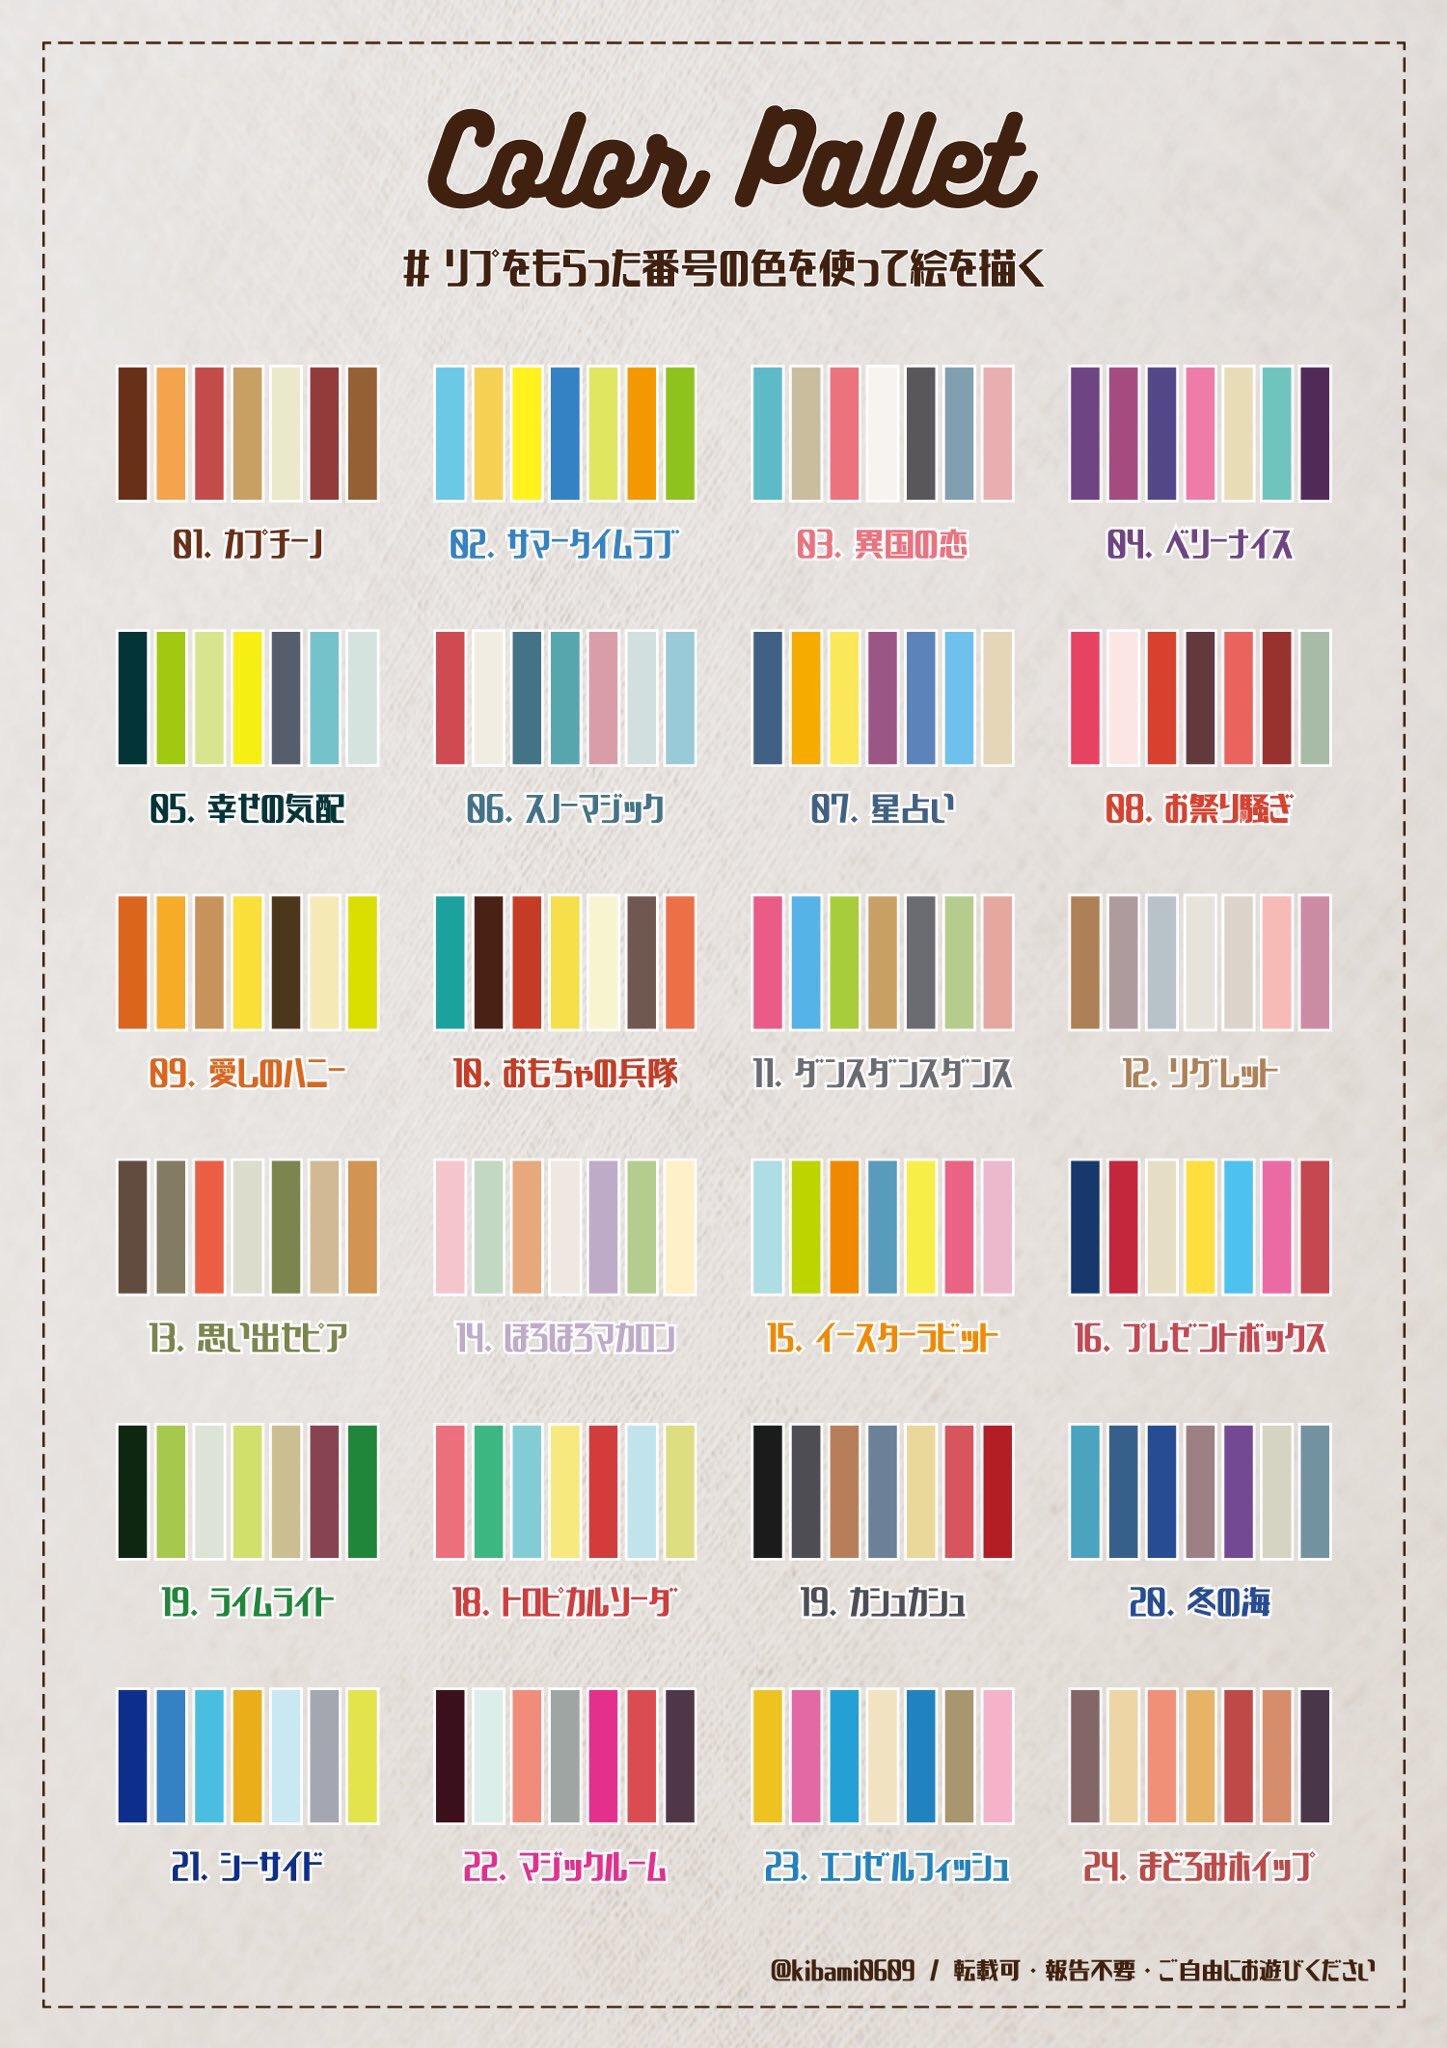 お絵描きにおすすめ!著作権フリーの便利なカラーパレット!